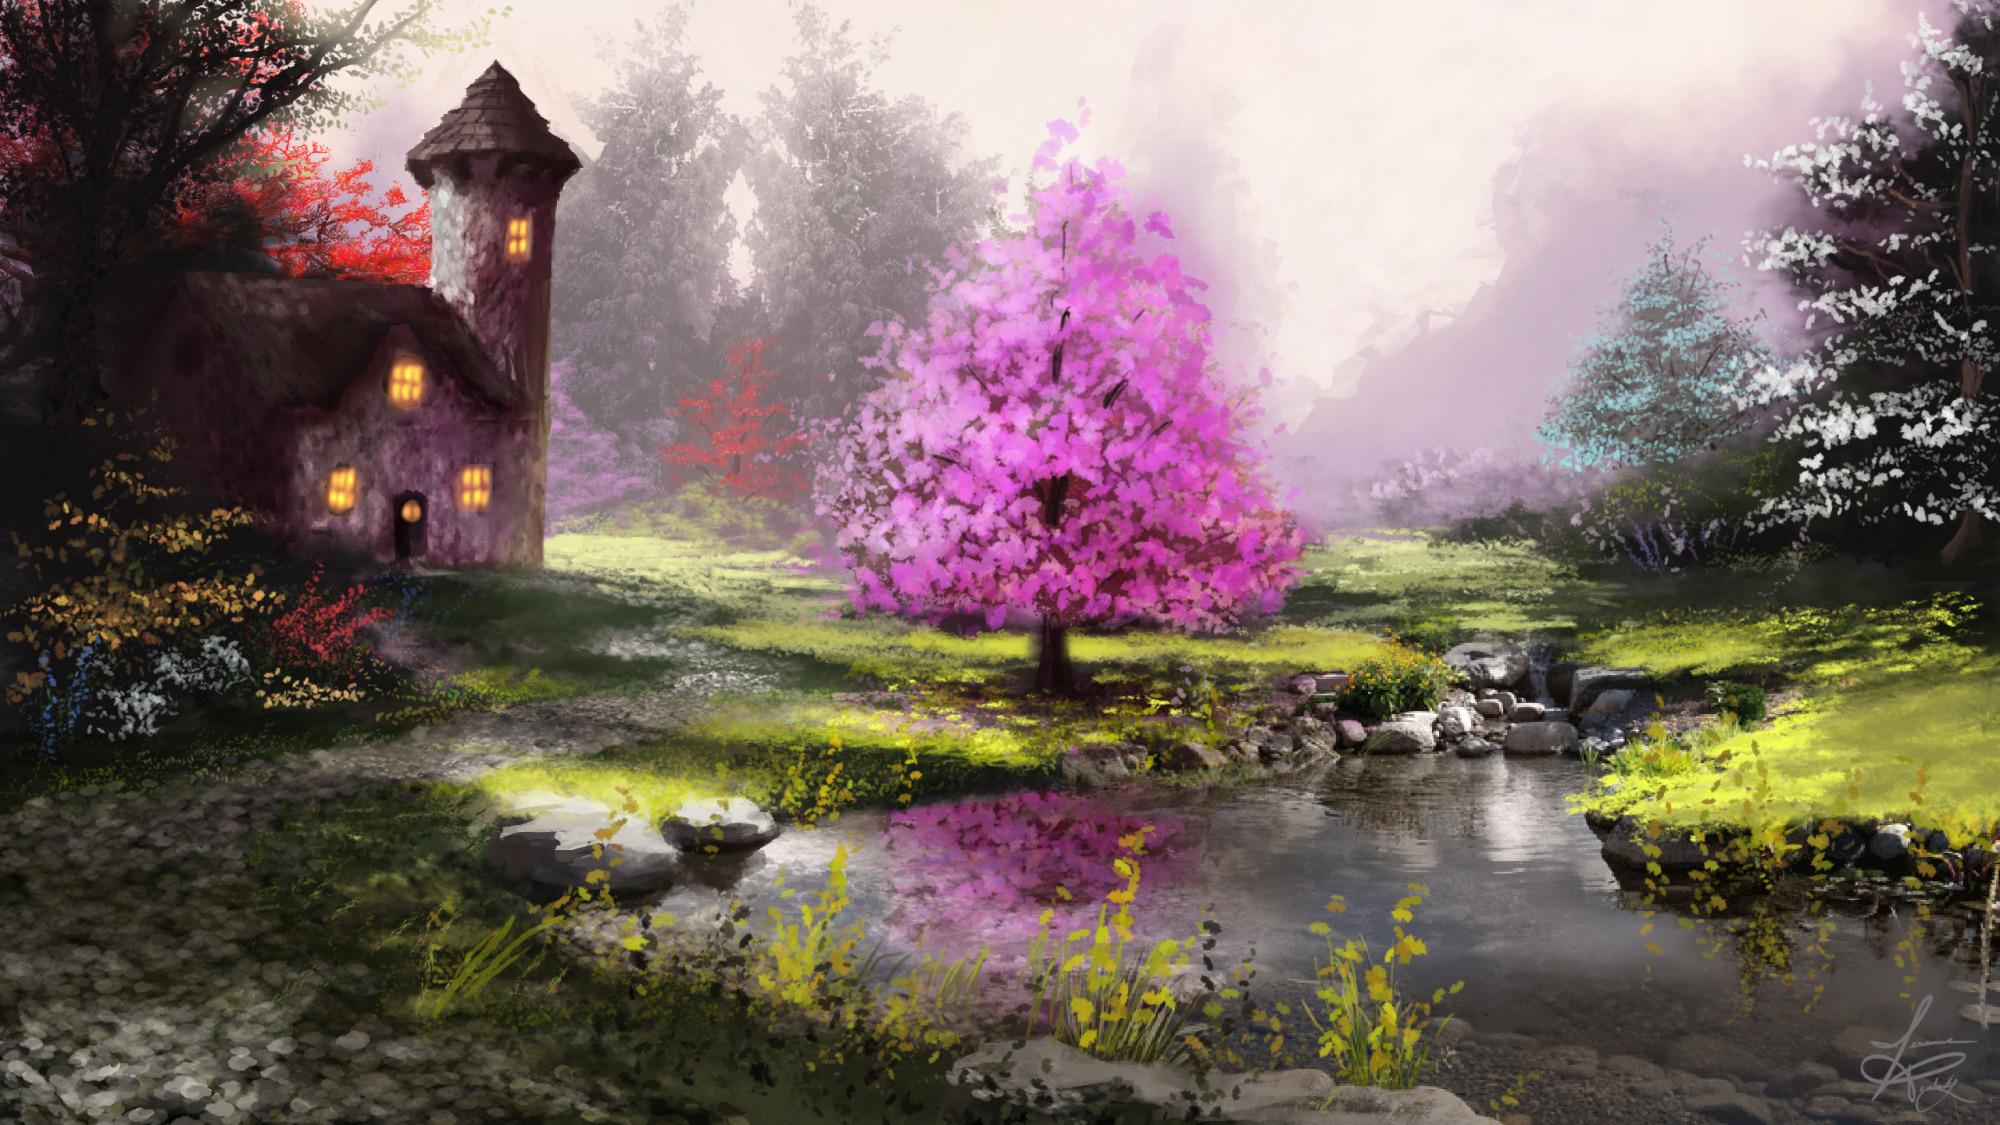 обои на рабочий стол картинки красивые сказочные весна правил нет